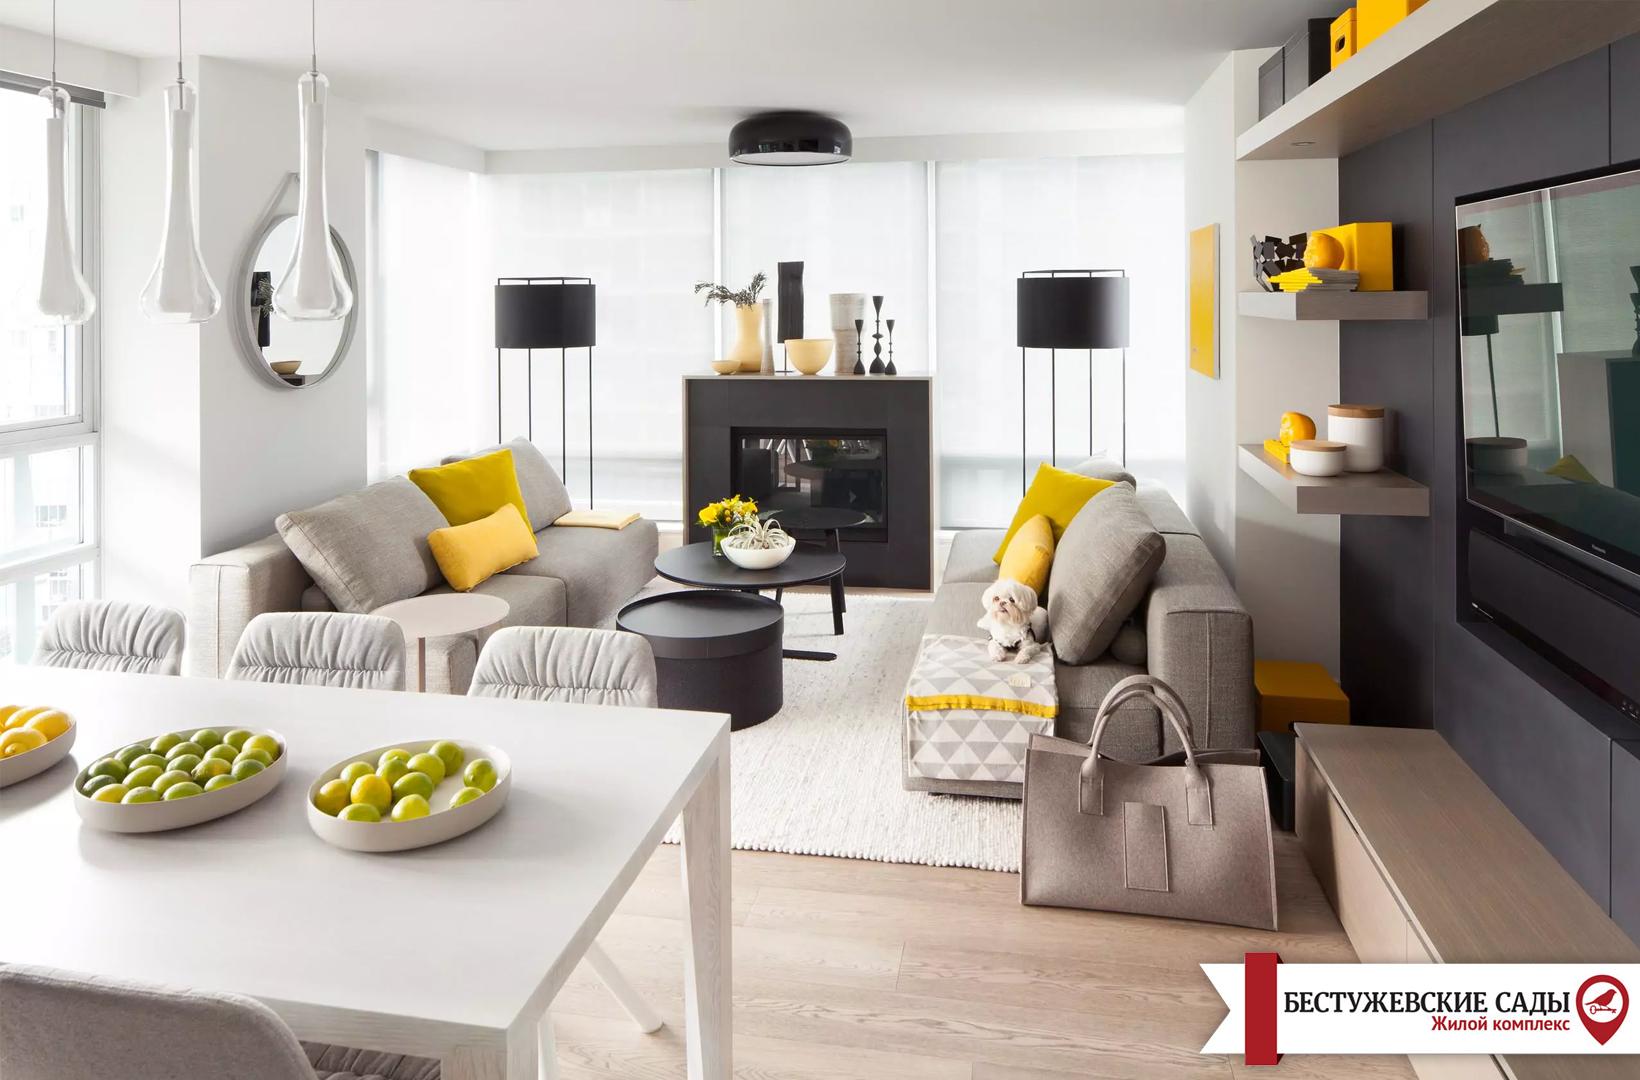 Молодежные дизайны квартир. Какие тренды ожидаются в 2019 году